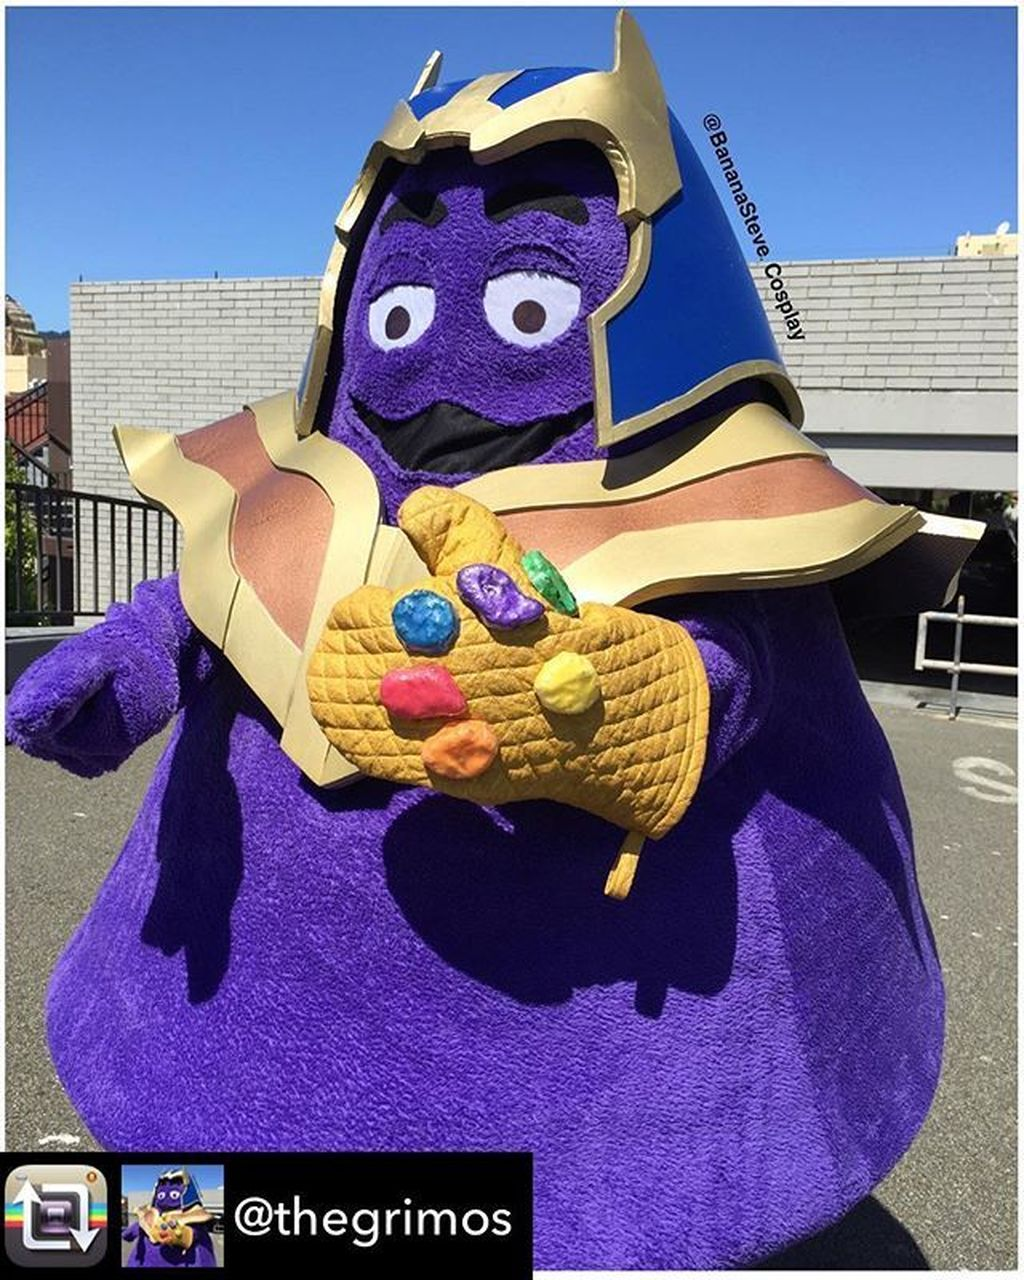 Cosplayer Banana Steve membuat kostum yang menggabungkan karakter Grimace yang merupakan salah satu maskot McDonald dengan Thanos, antagonis di Avengers: Infinity War. Kreasinya ini disebut Grimos. Foto: Instagram @McVengers